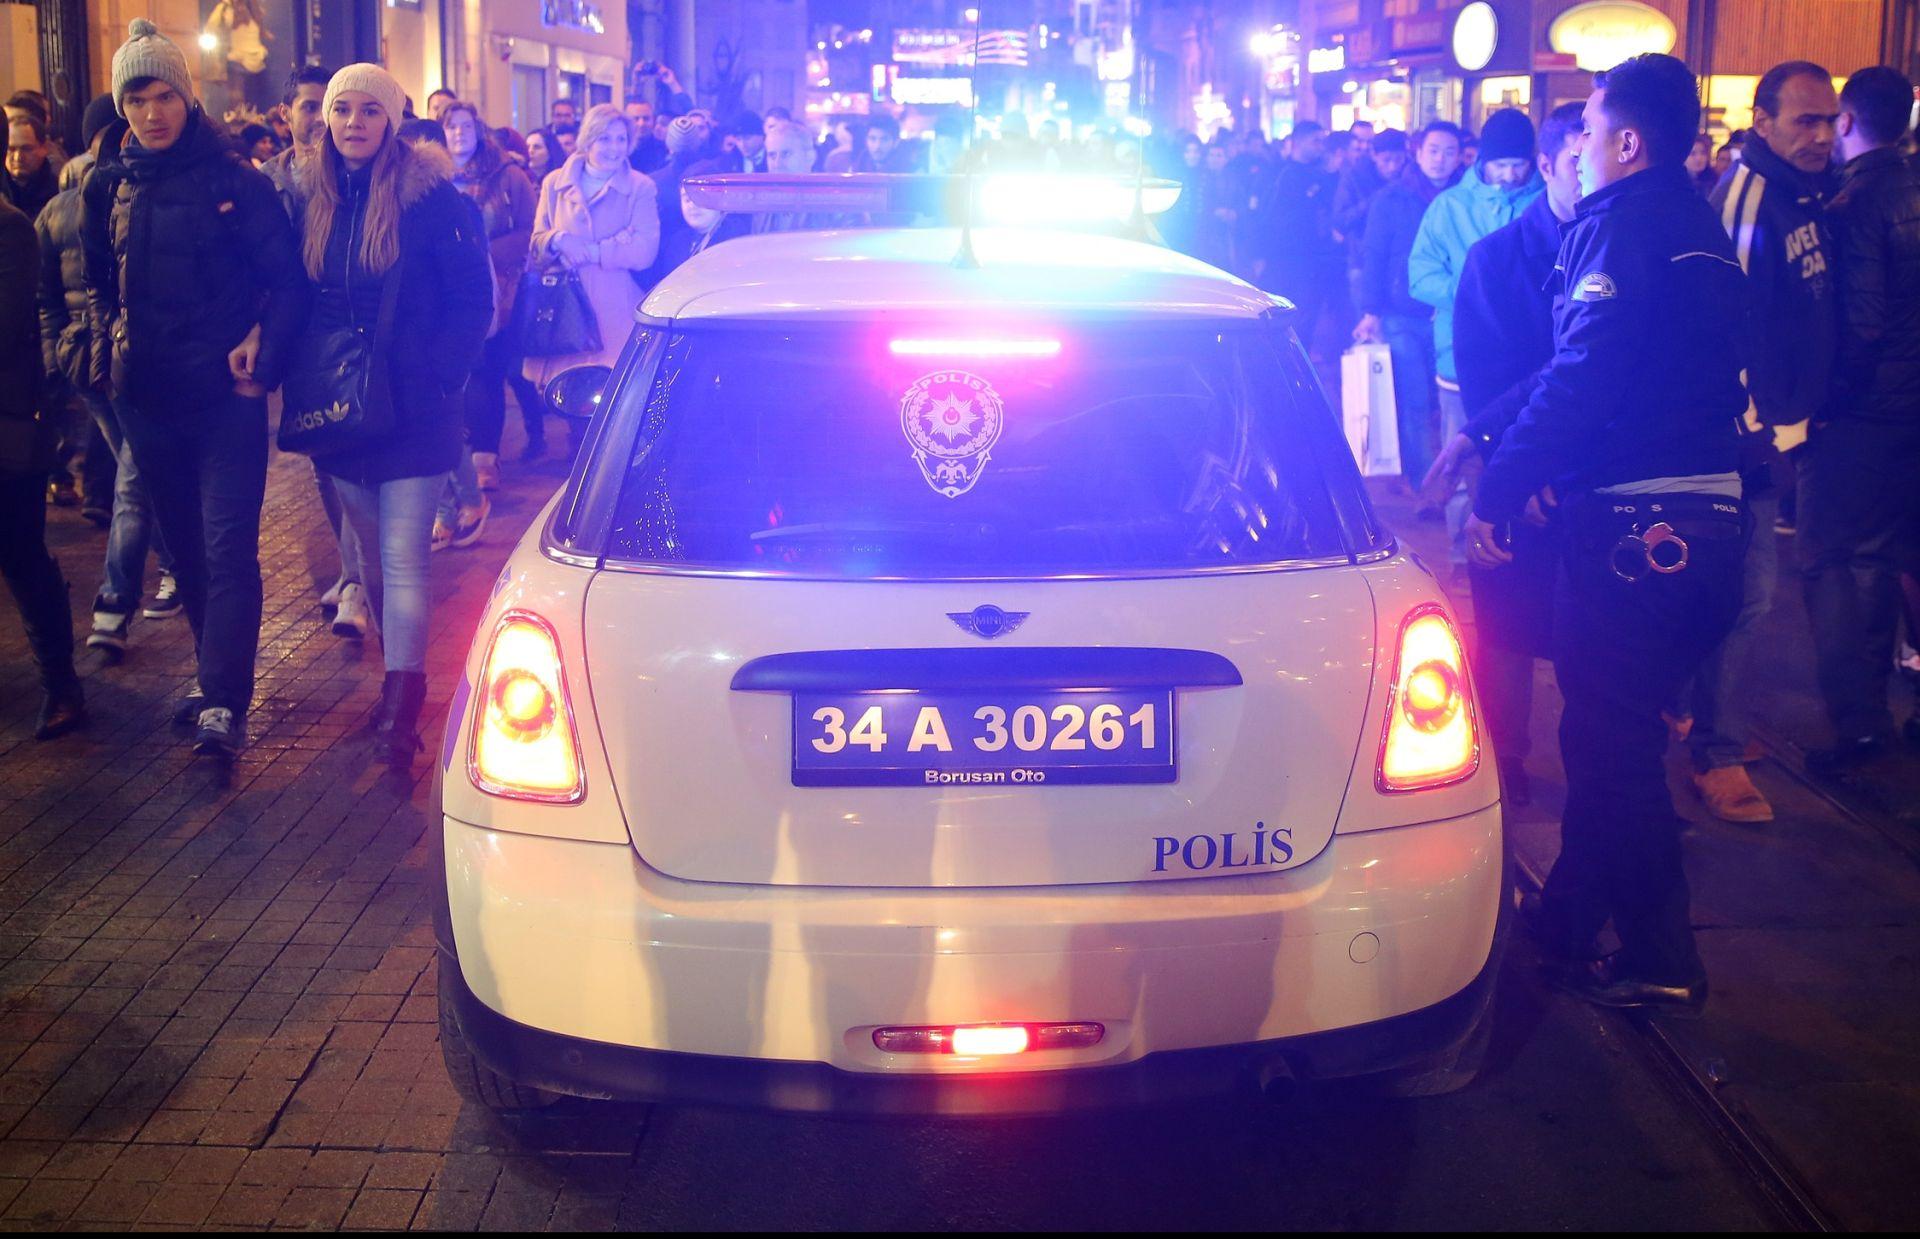 PREDSTAVLJALI SE KAO TURISTI: Turska uhitila osam navodnih pripadnika IS-a